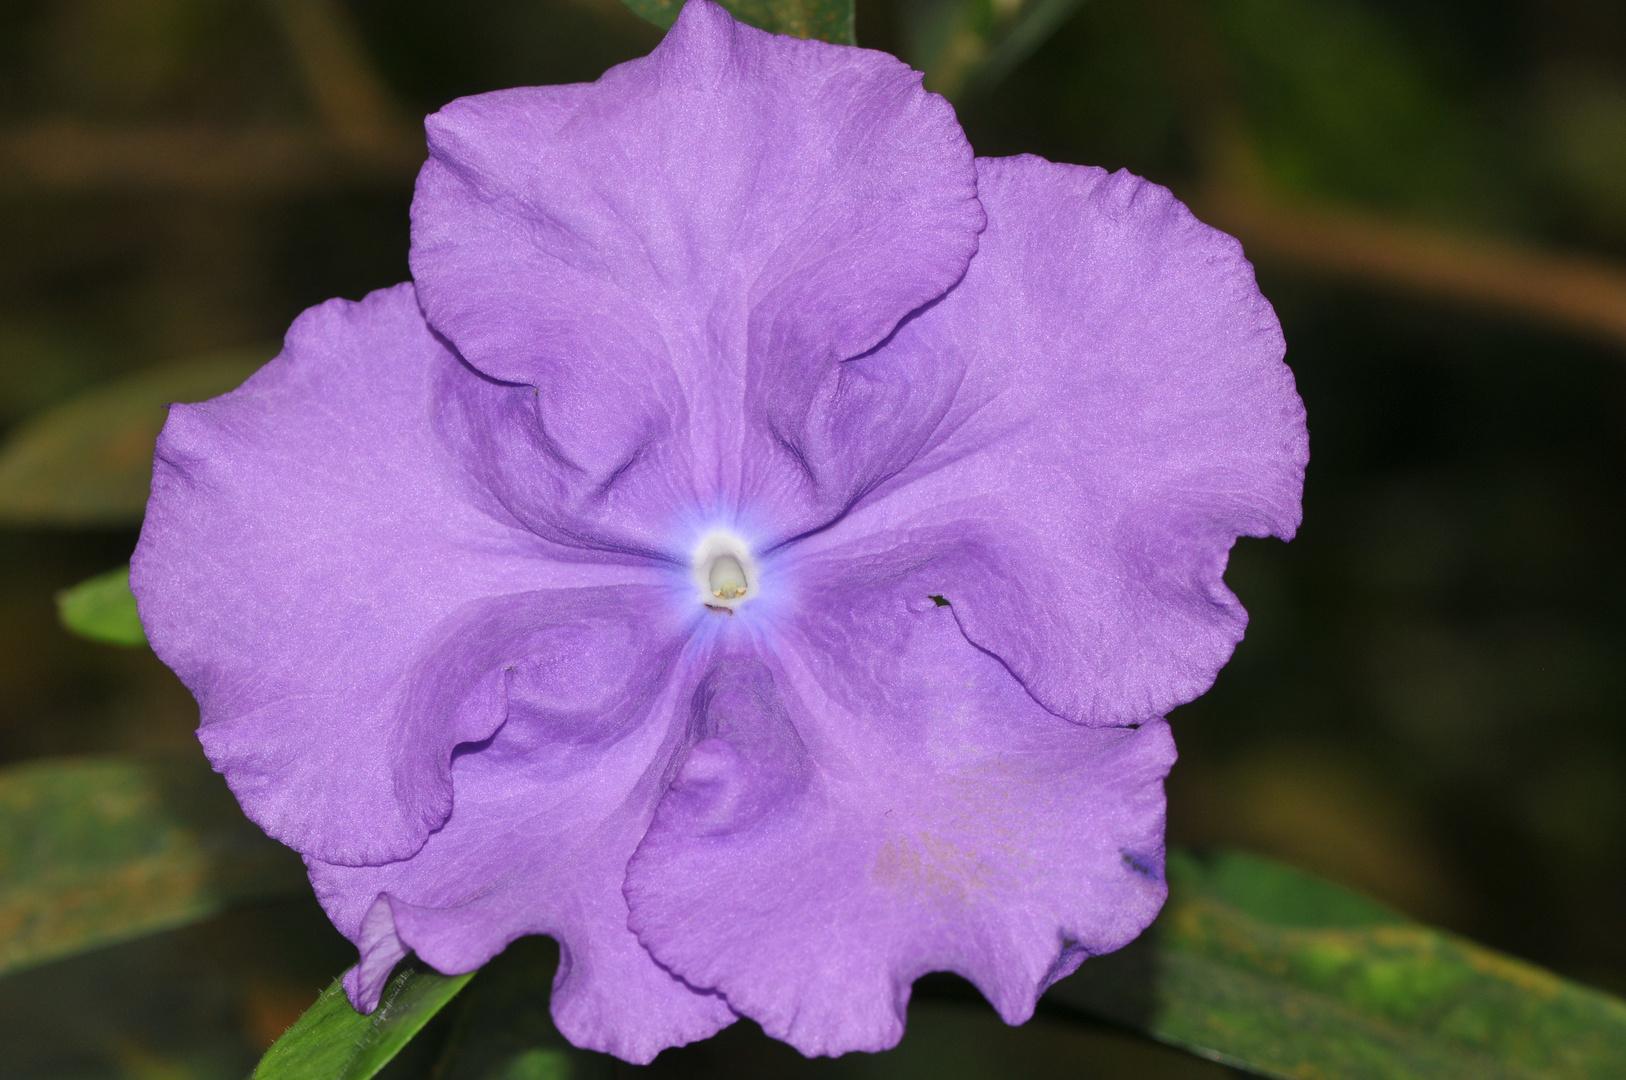 Flamenco in Violet